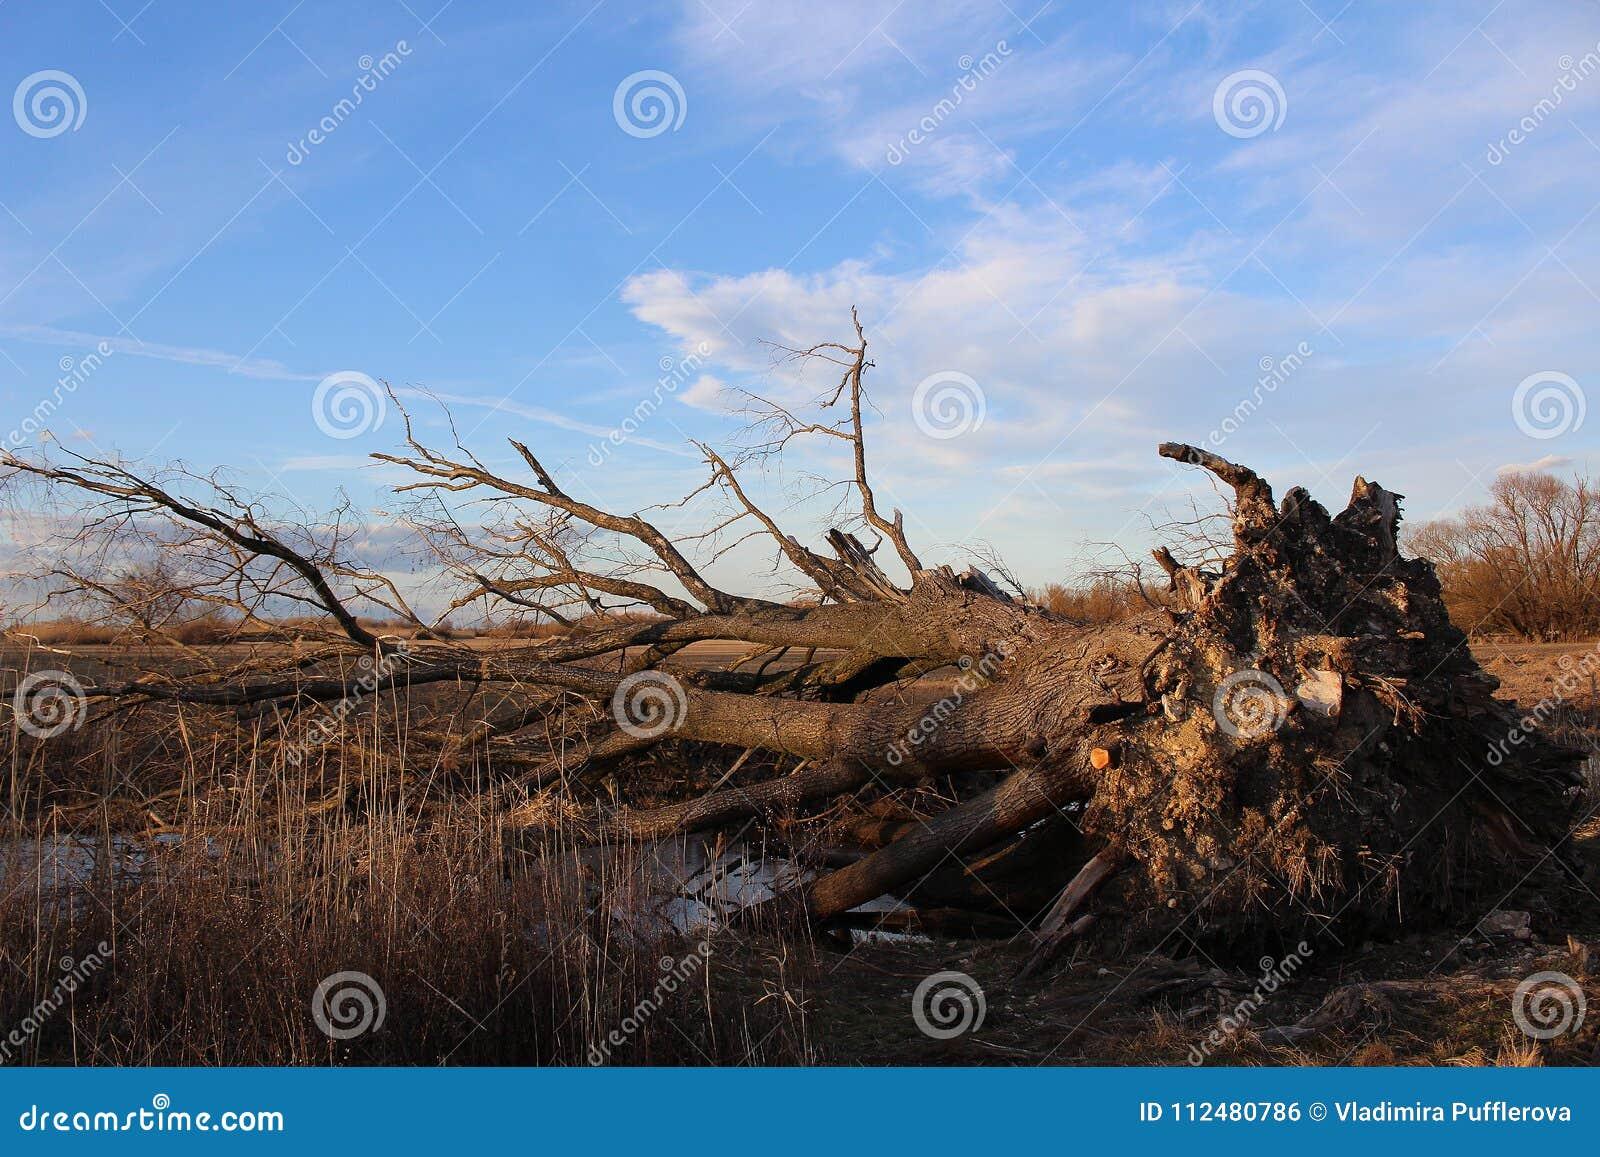 Krajobraz - po burzy - duży drzewo wykorzeniający dużą burzą